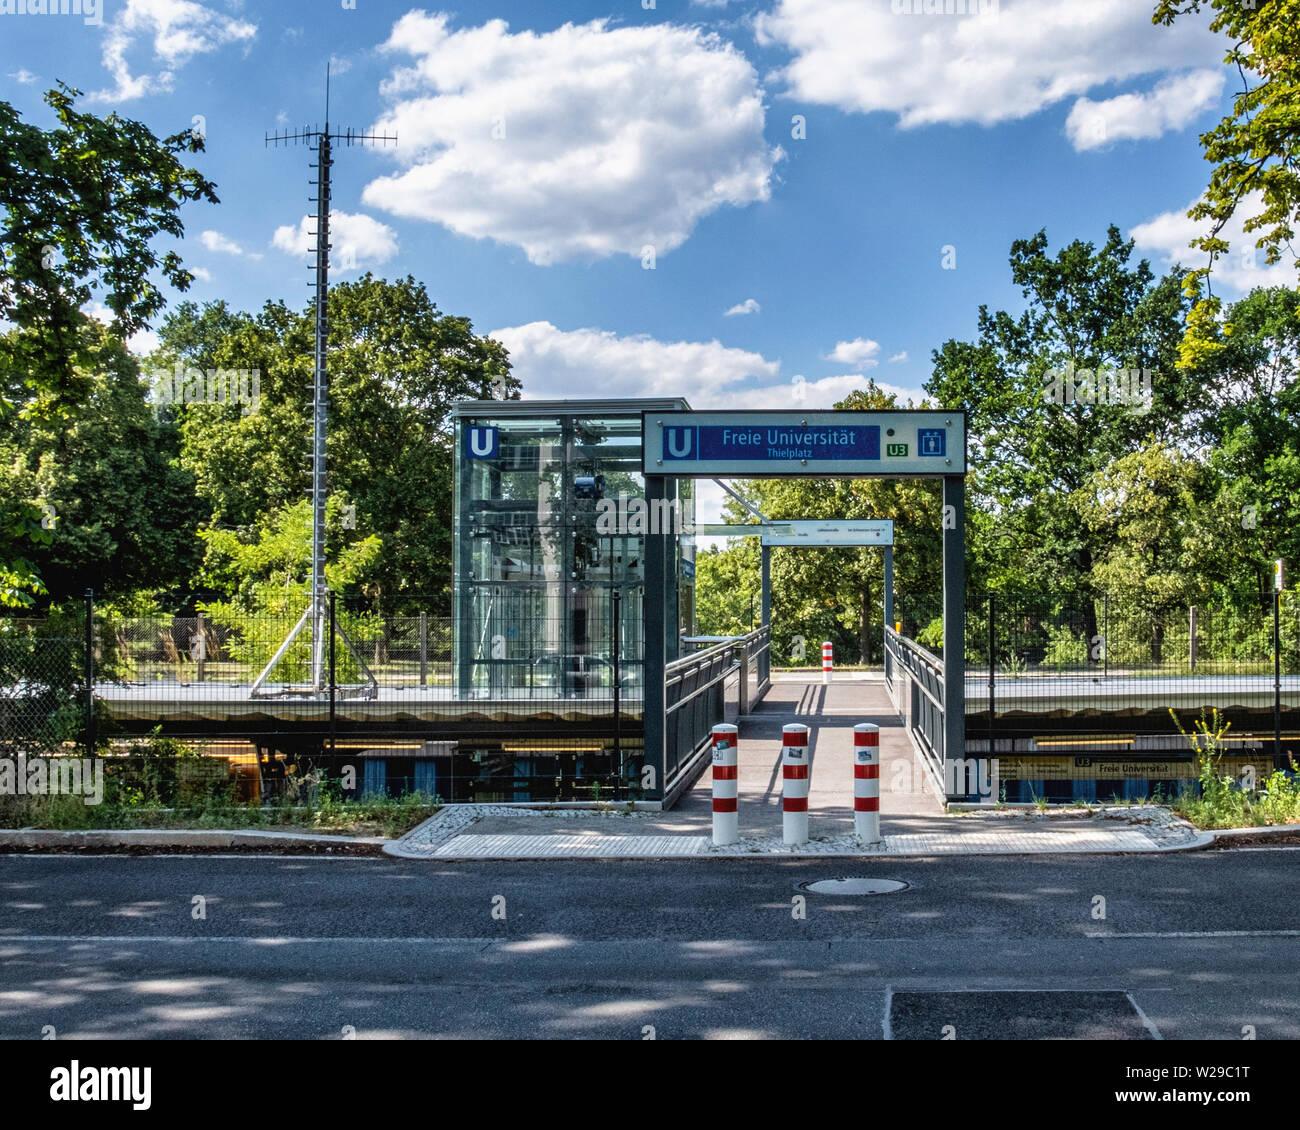 Freie Universität Thielplatz U-bahn underground railway station serves U3 line. Lift to platform - Stock Image